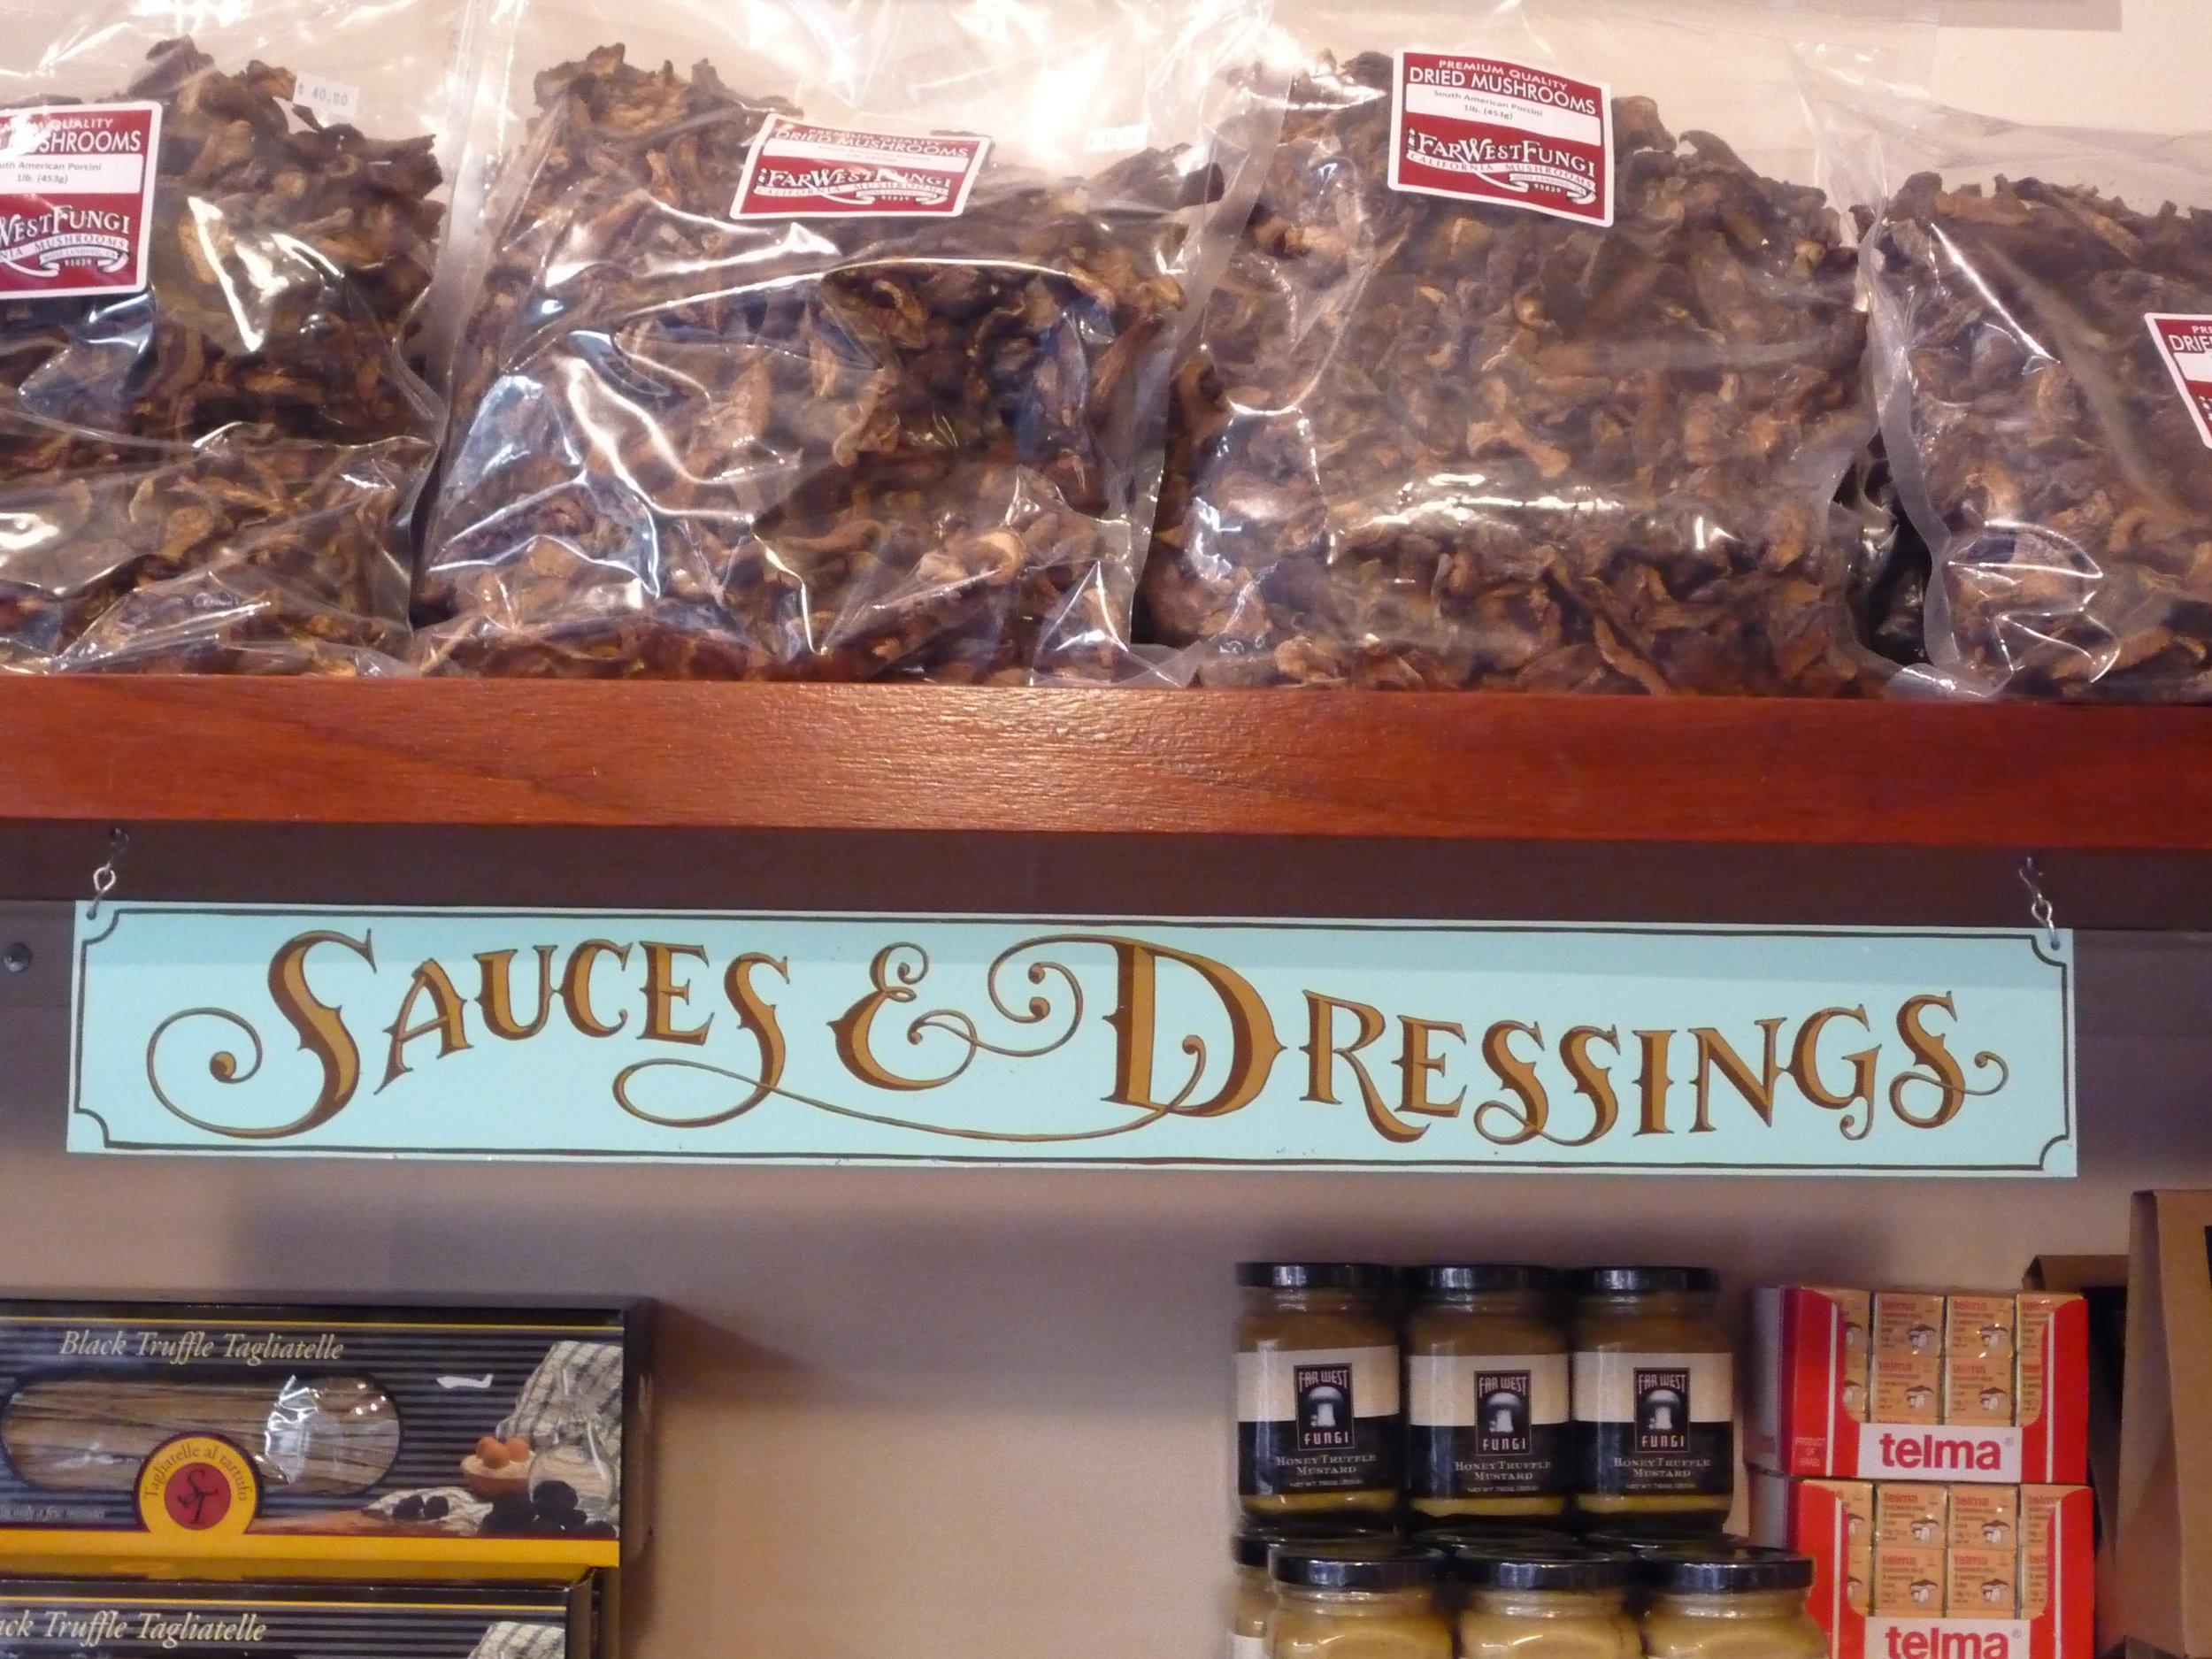 ORIG-far-west-fungi-sauces--dressings-shelf-sign_4322988973_o.jpg